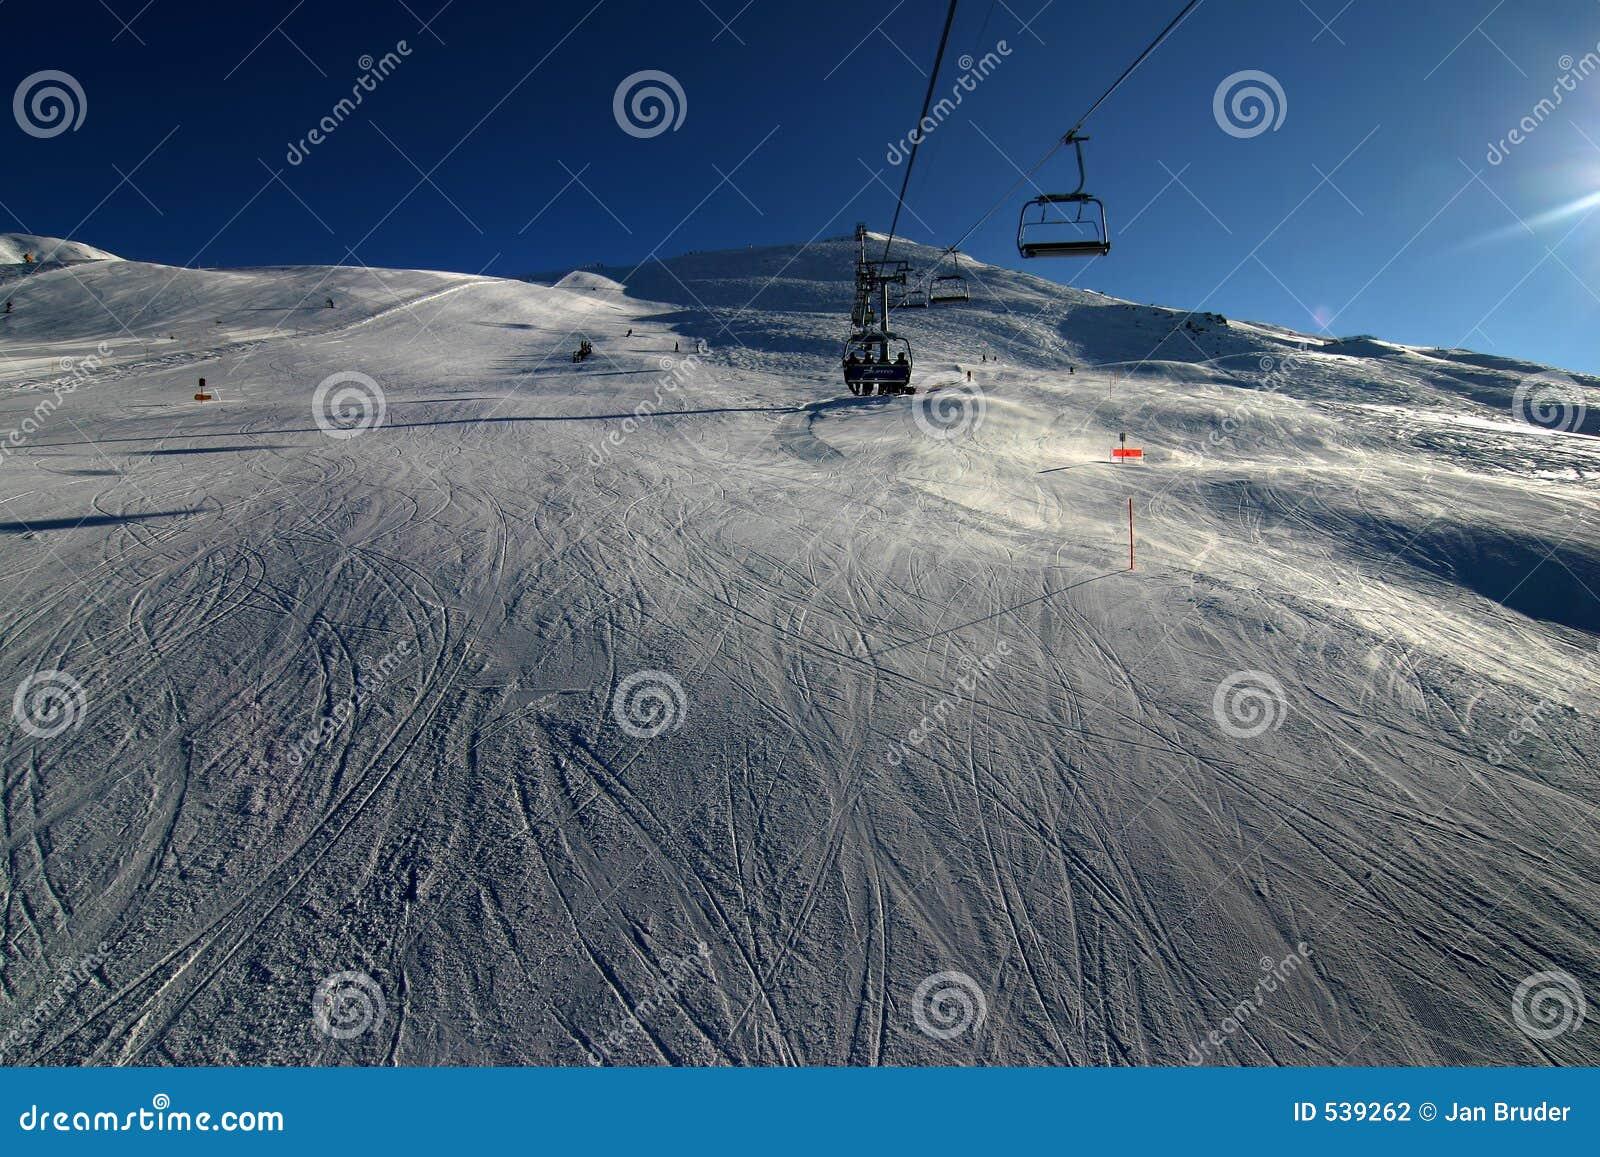 Download 阿尔卑斯滑雪的瑞士 库存照片. 图片 包括有 移动, 12月, 有效地, 滑雪者, 业余爱好, 自由式, 推力 - 539262